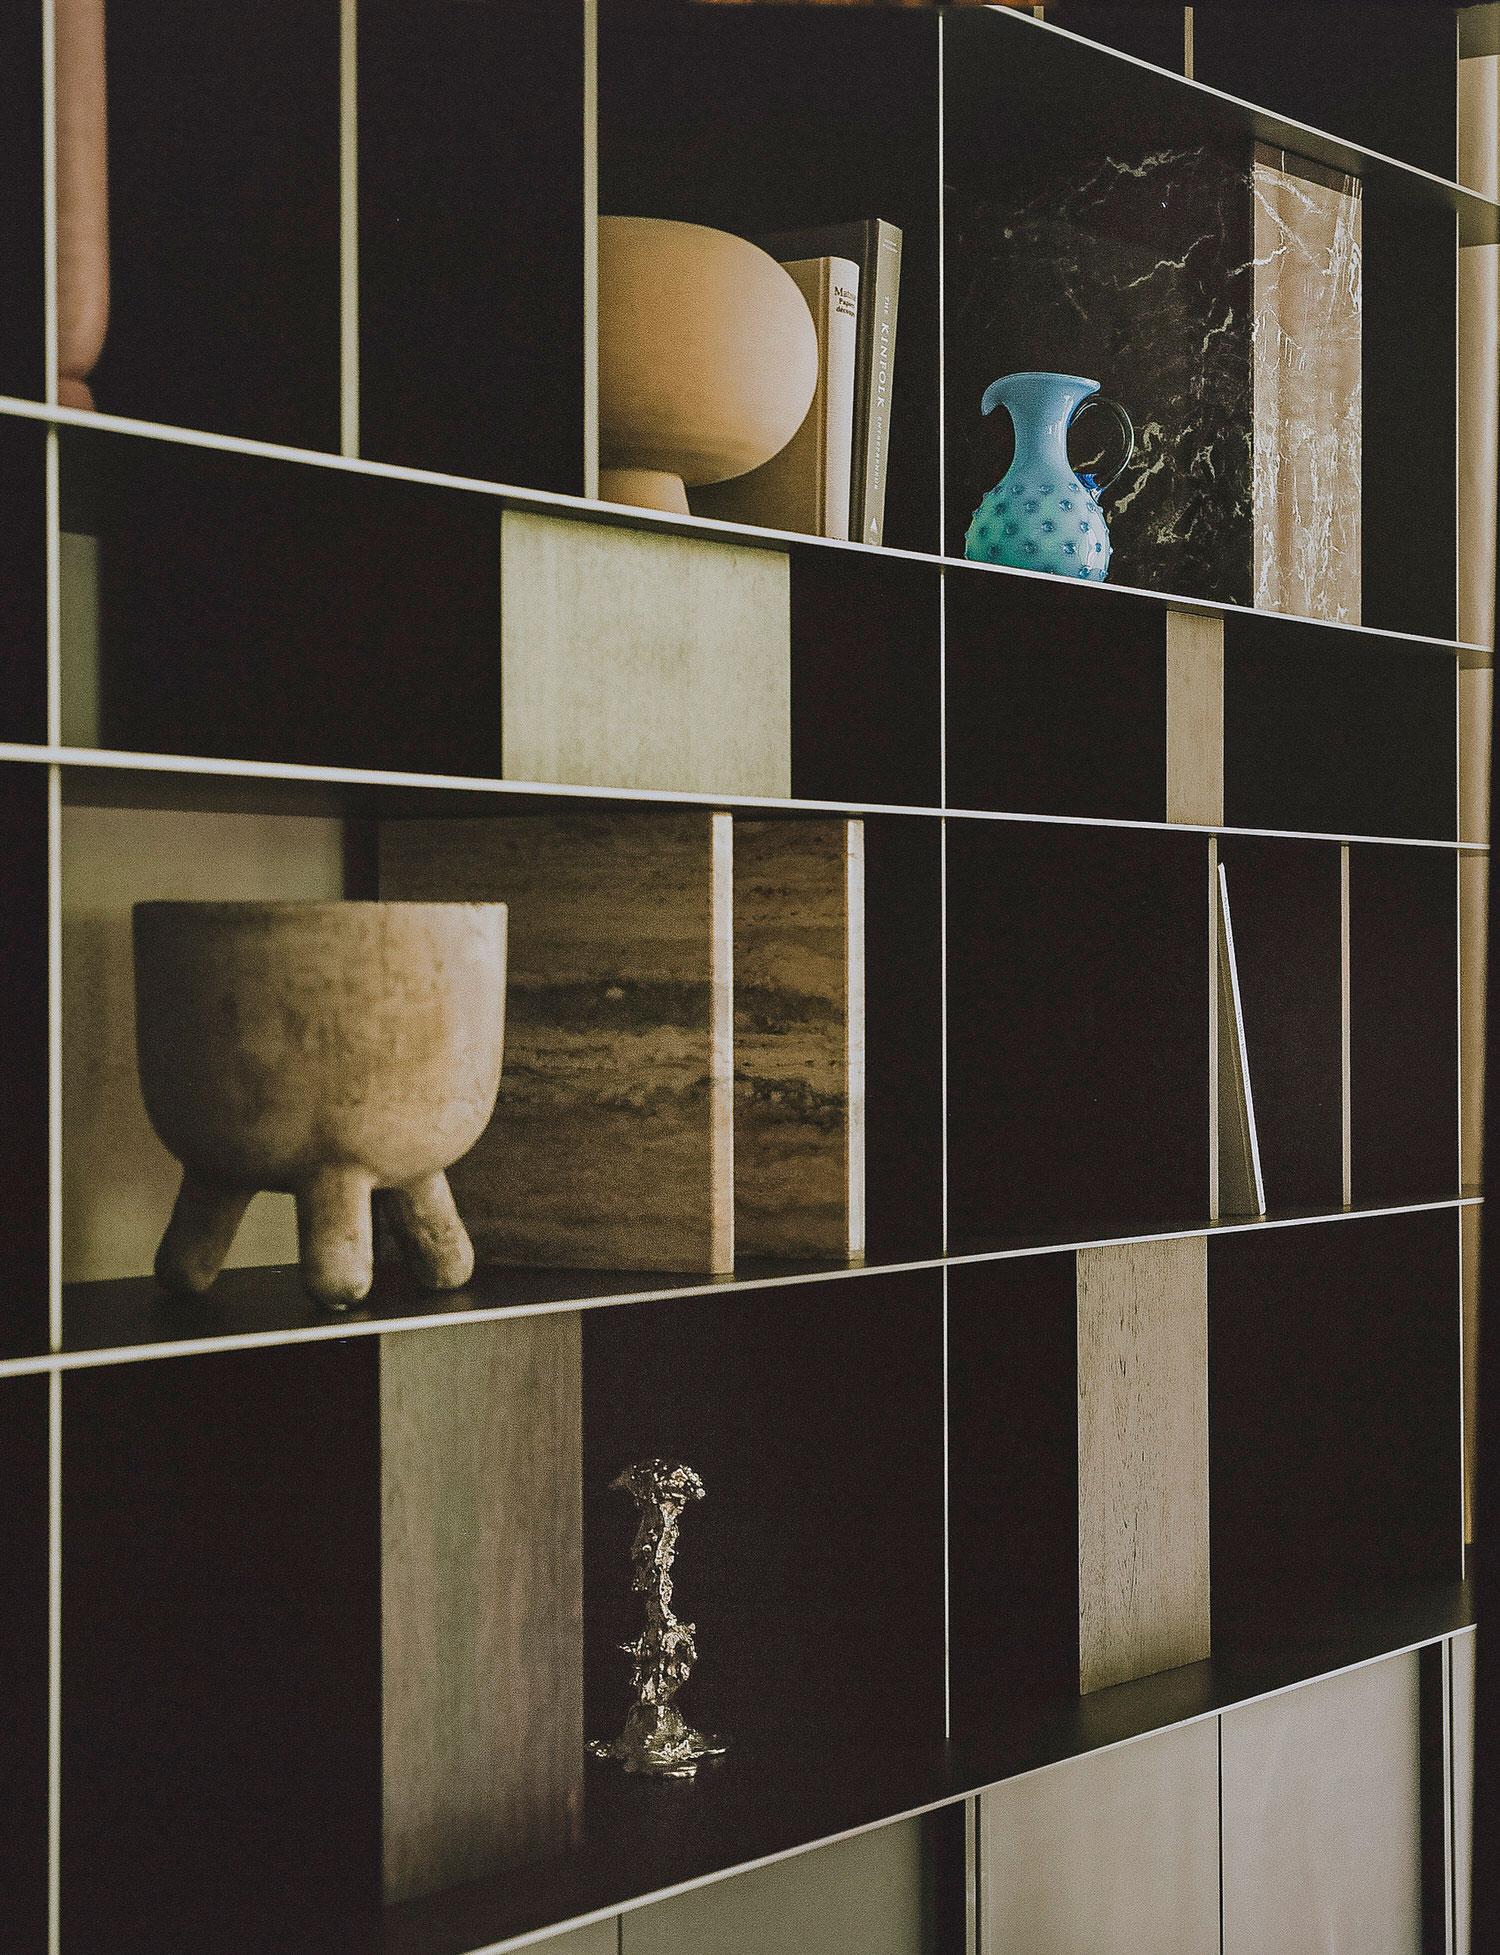 Paradowski Studio Fnl Apartment Warsaw Interiors Photo Pion Studio Yellowtrace 37